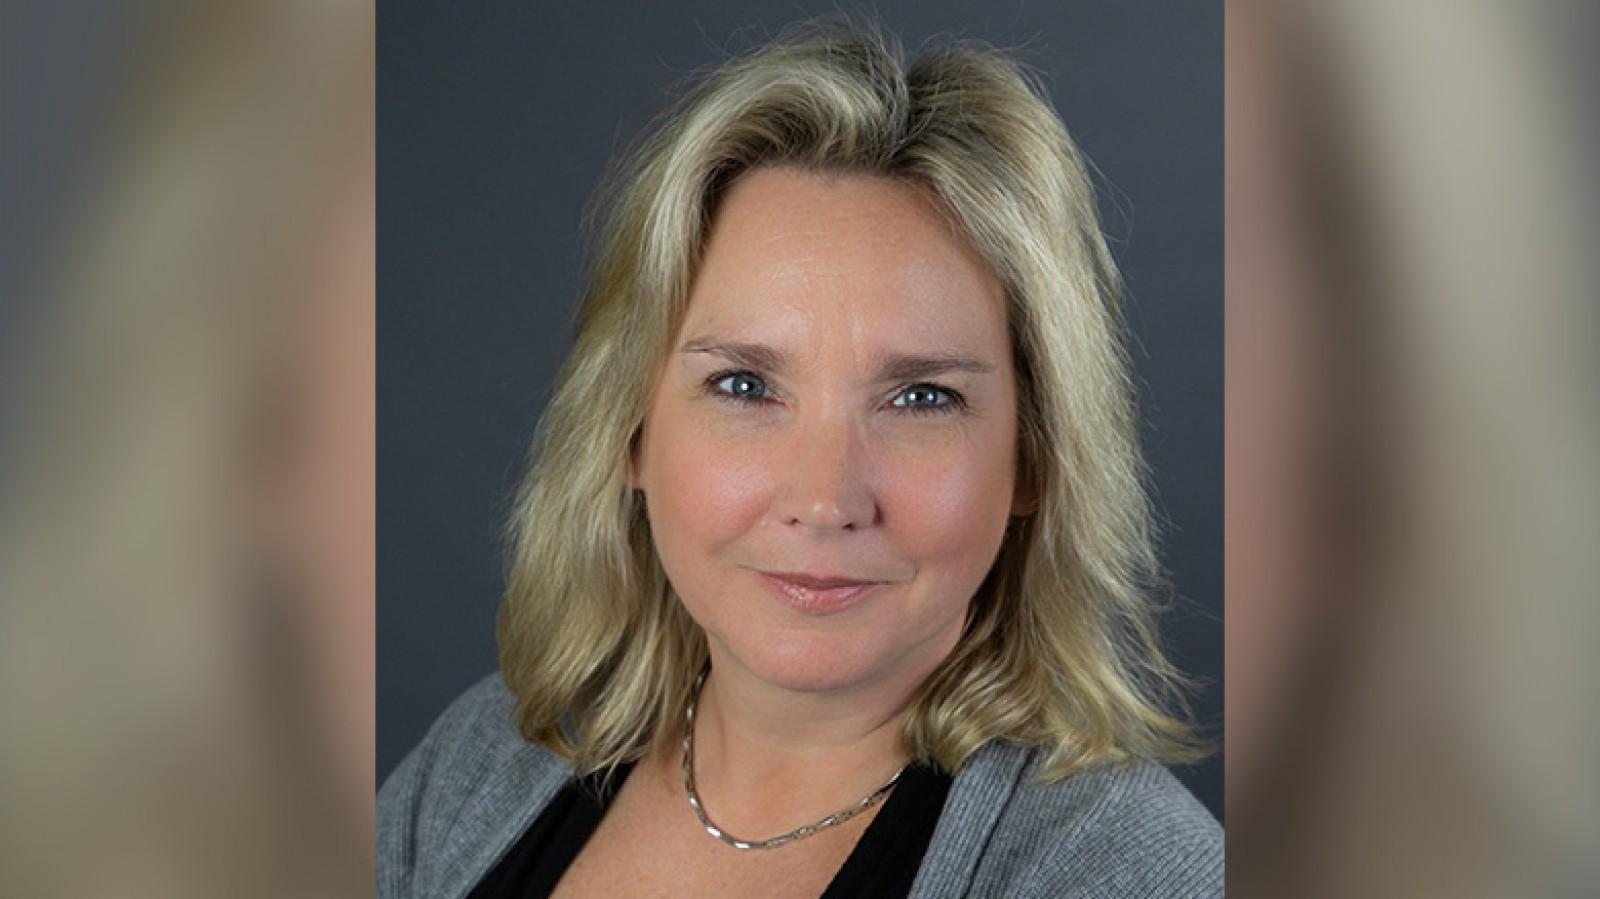 Burgemeester Wijdemeren legt werk neer vanwege mogelijke coronabesmetting